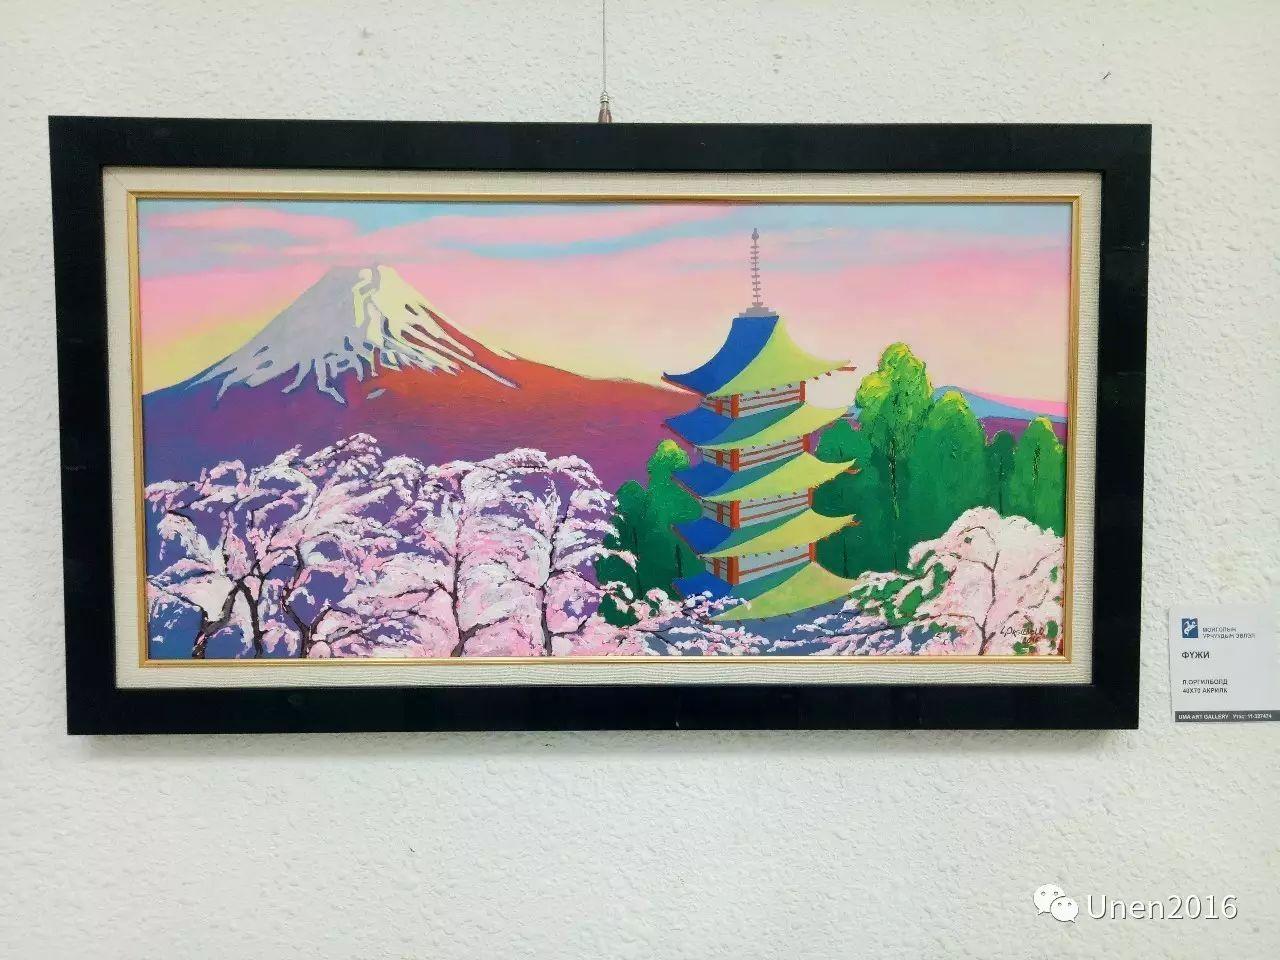 蒙古国画家傲日格勒宝勒德的油画作品 第16张